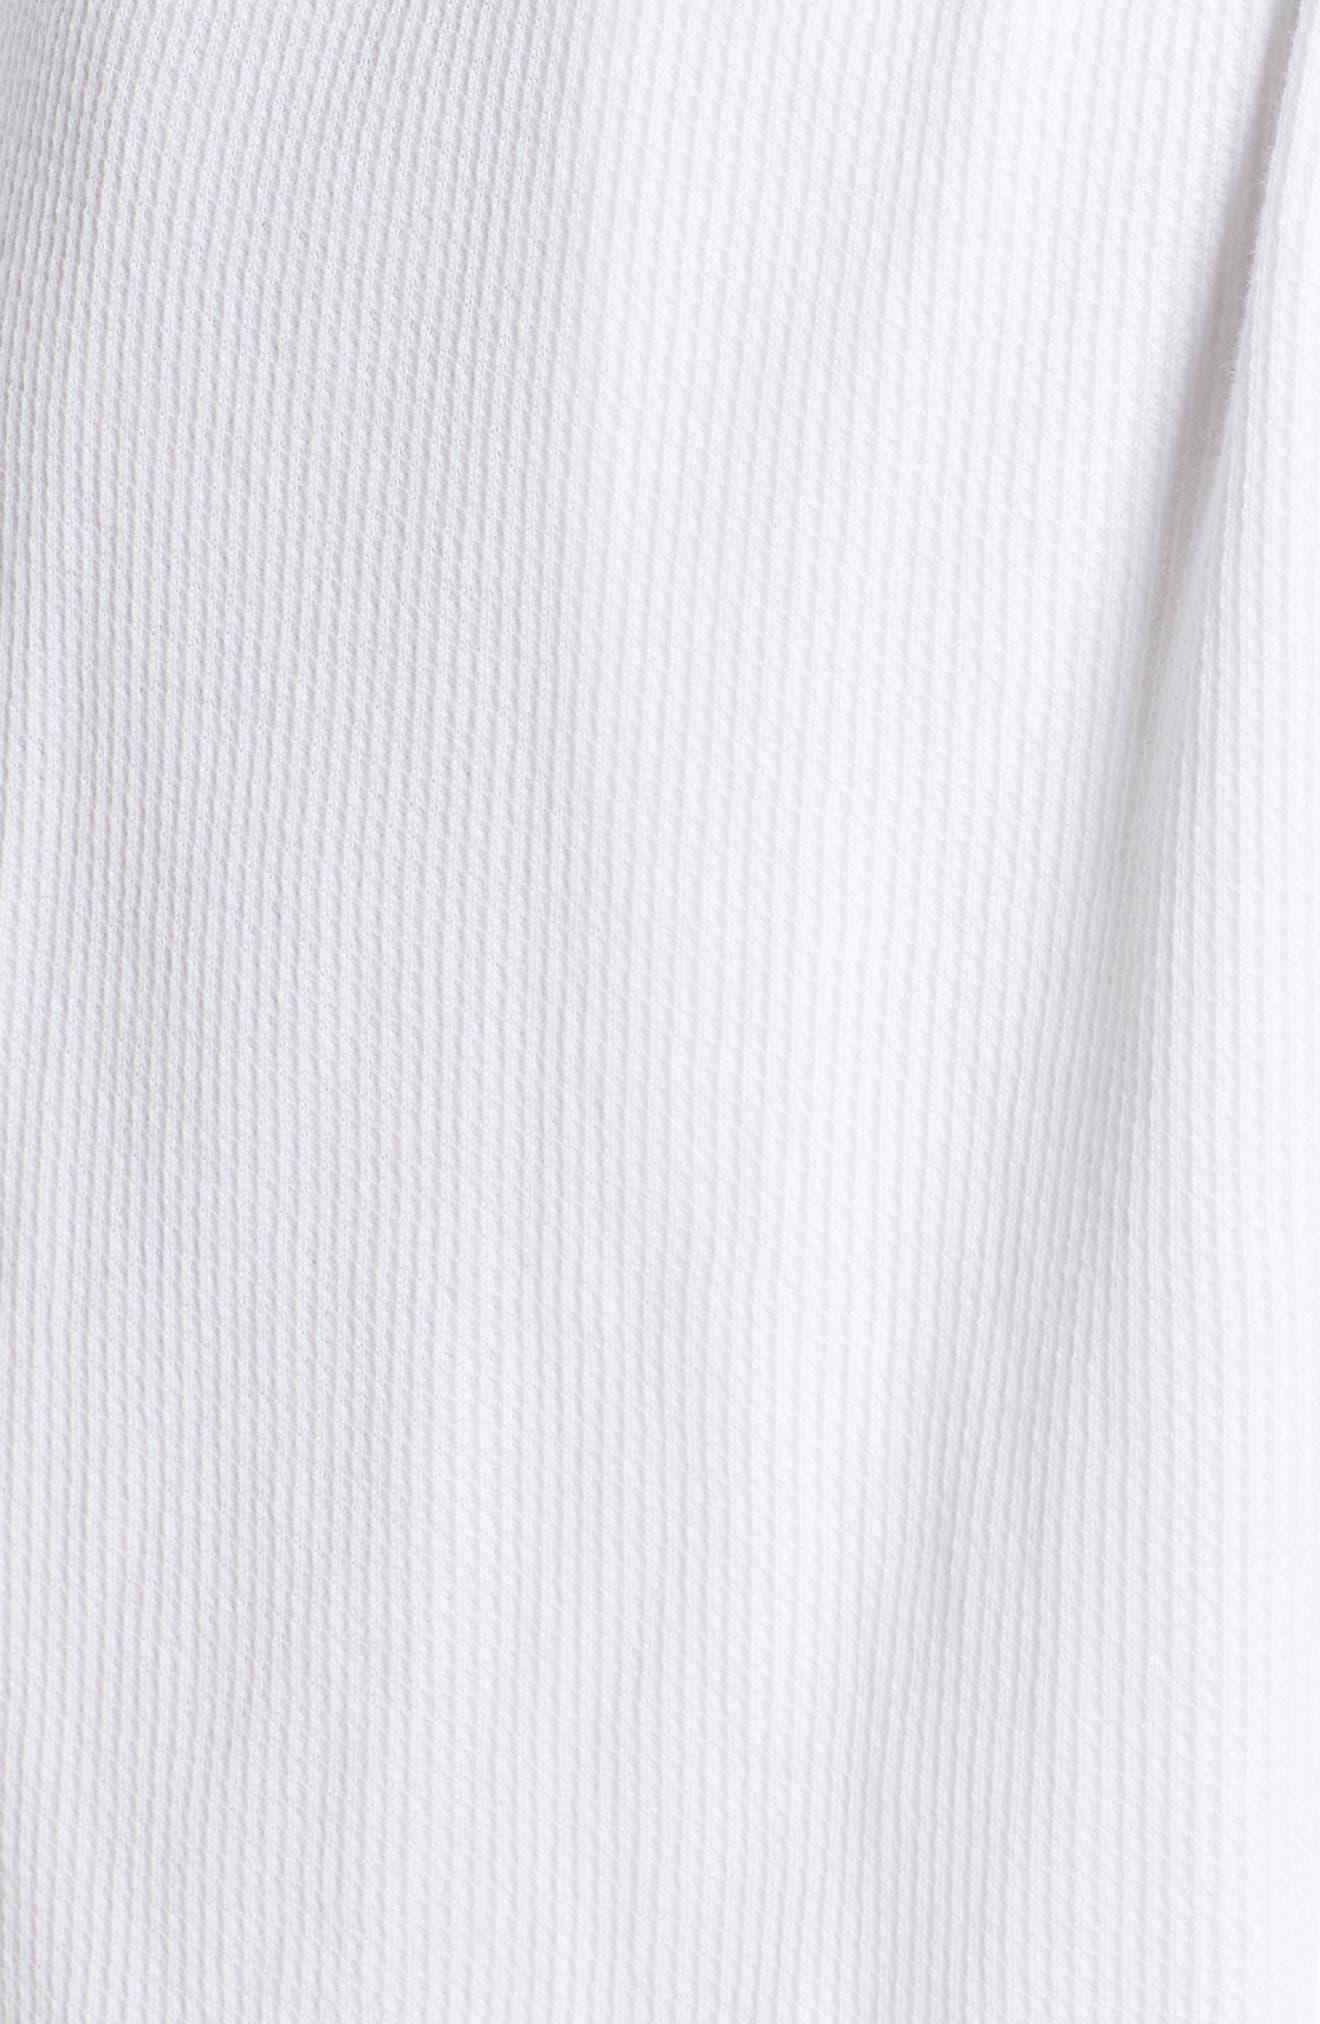 Avedon Robe,                             Alternate thumbnail 5, color,                             White